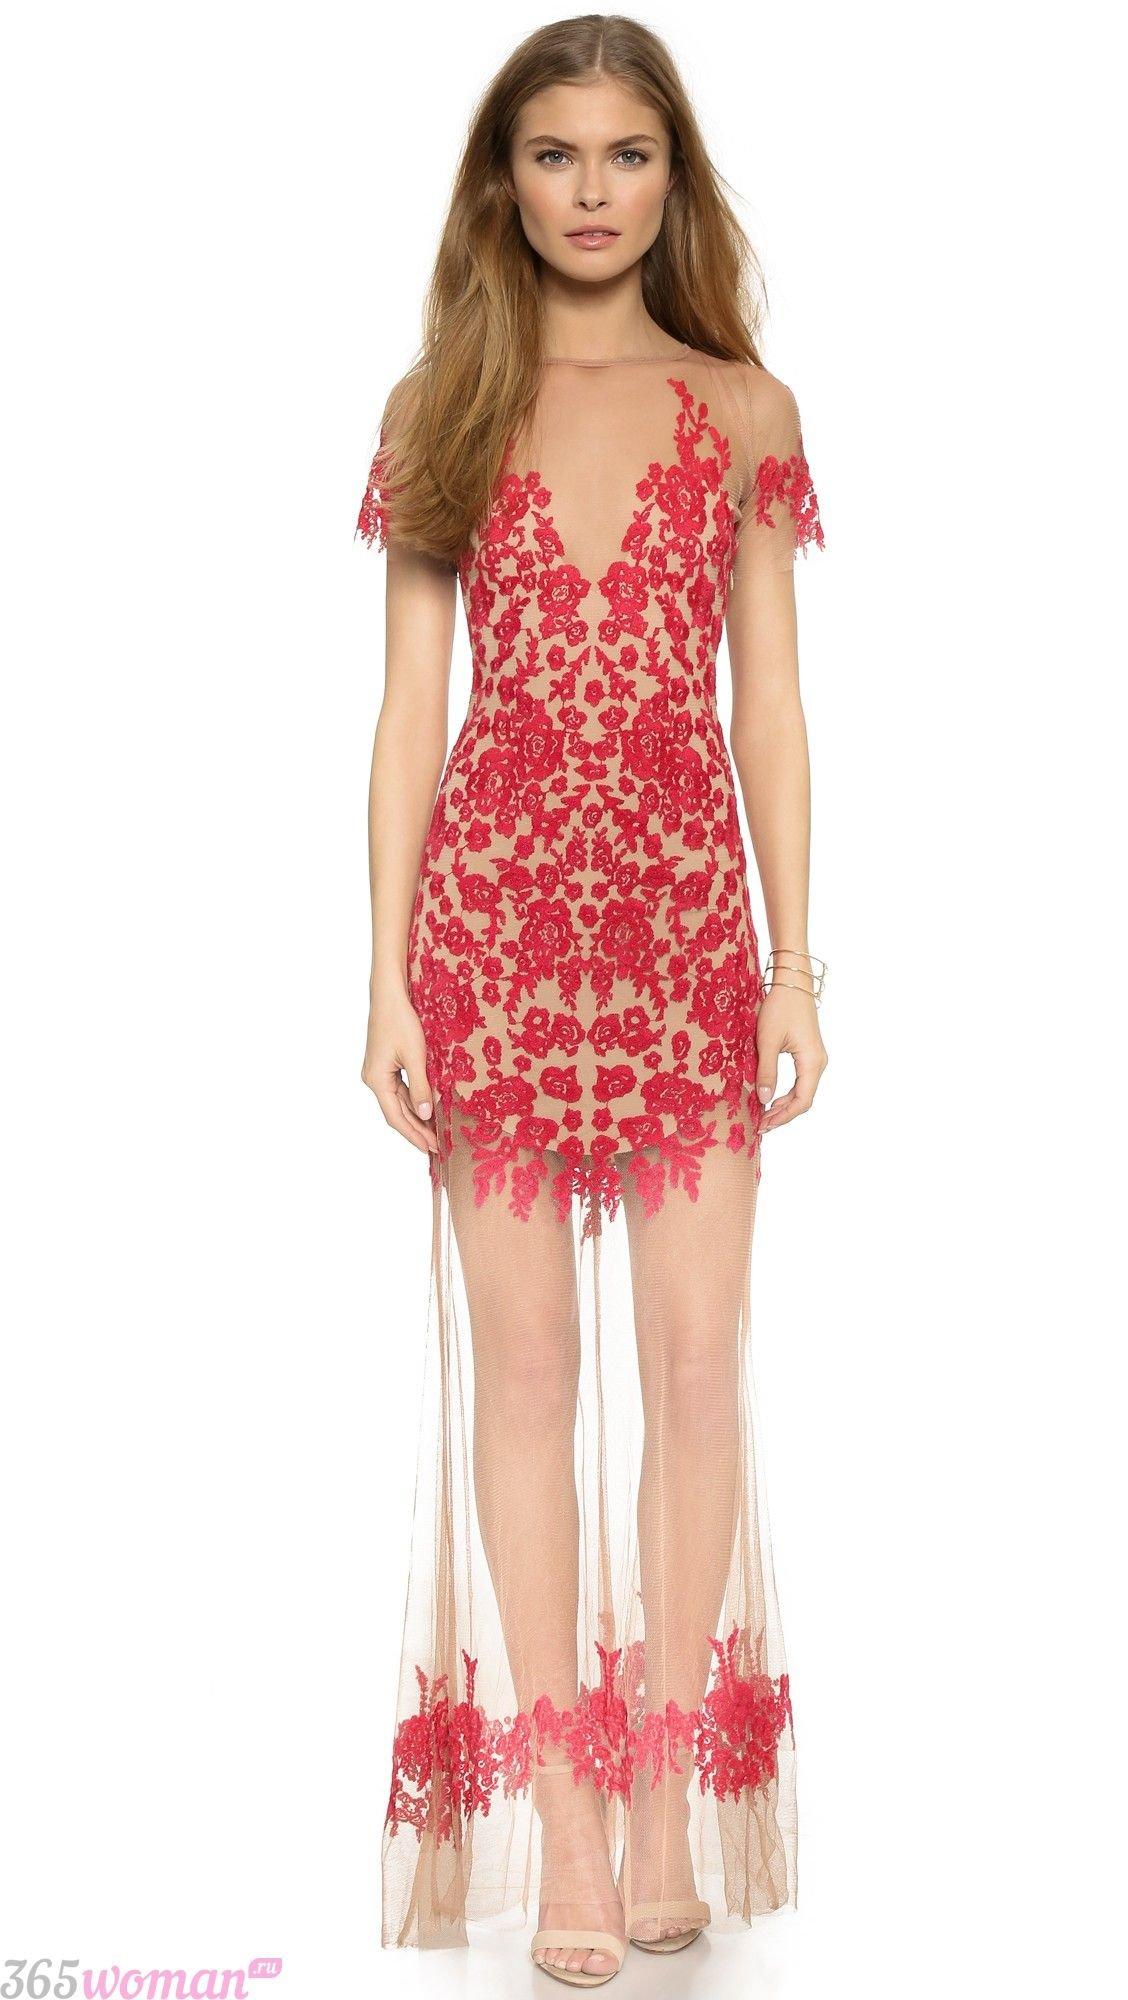 что одеть на день святого валентина 2019: бежевое платье с красным кружевом и длинной прозрачной юбкой